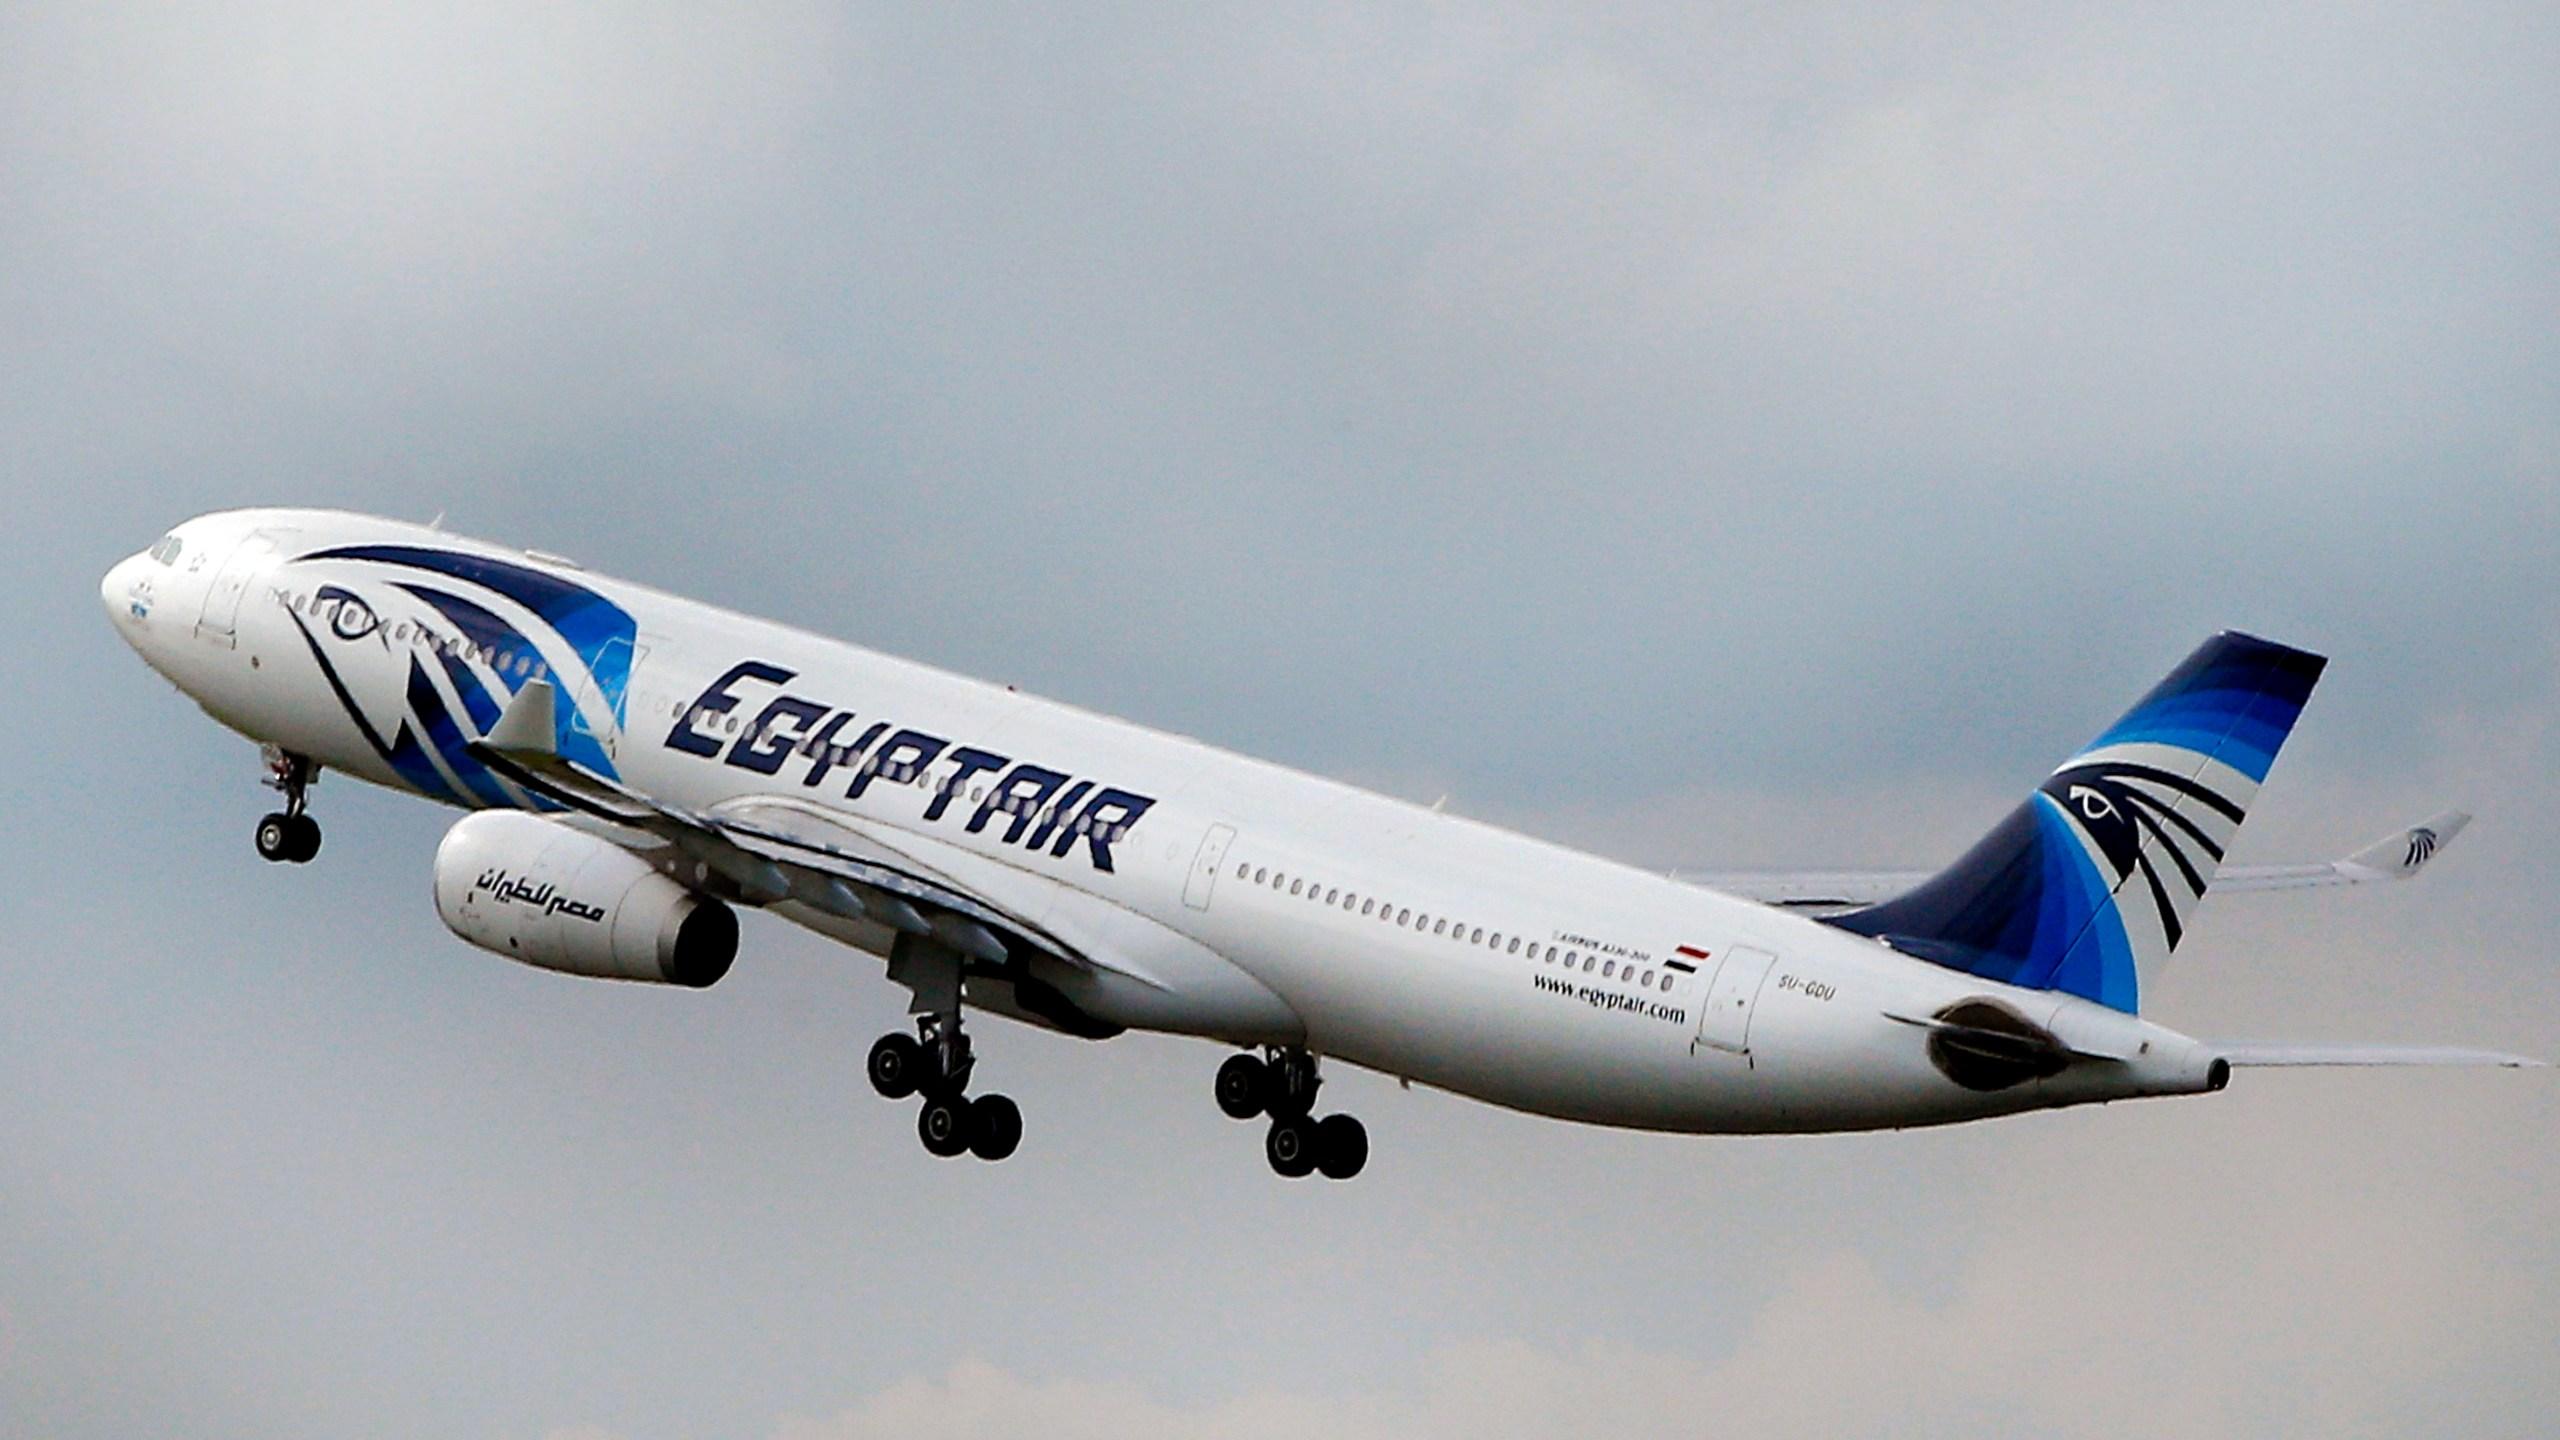 FILE PHOTO Mideast Egypt Plane EgyptAir Photo by Christophe Ena, AP Photo_255139